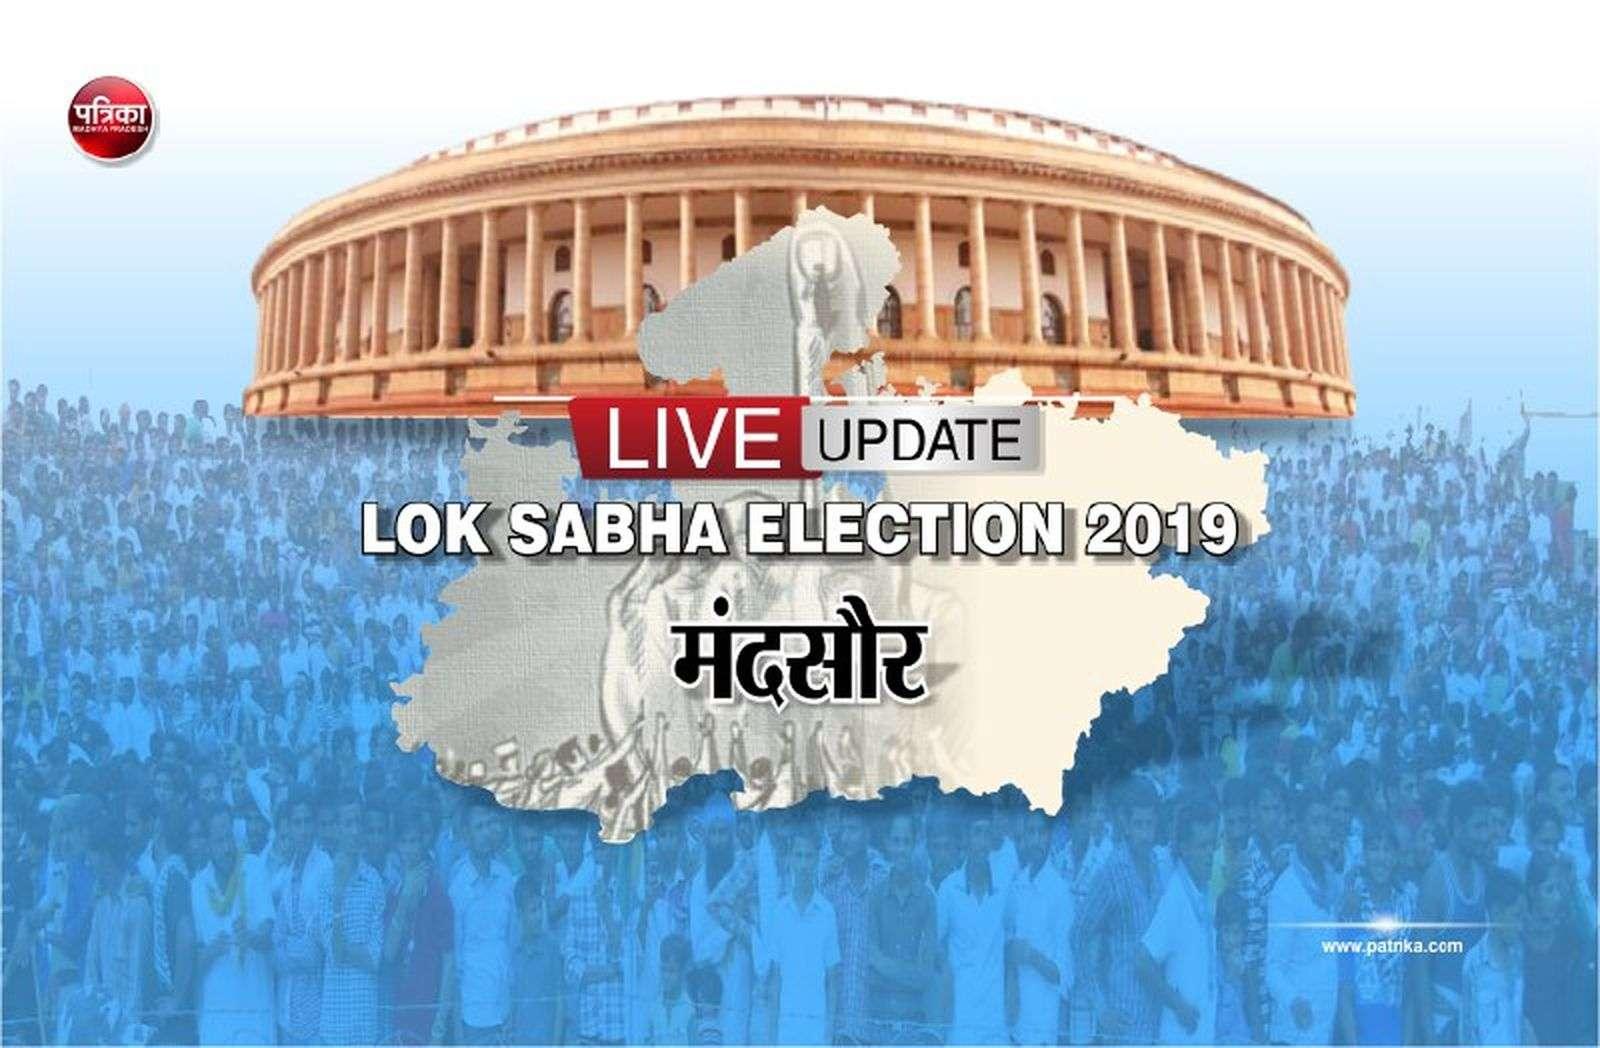 संसदीय क्षेत्र में 1 बजे तक आंकड़ा पहुंचा 49.88 प्रतिशत अब 5 घंटे और शेष